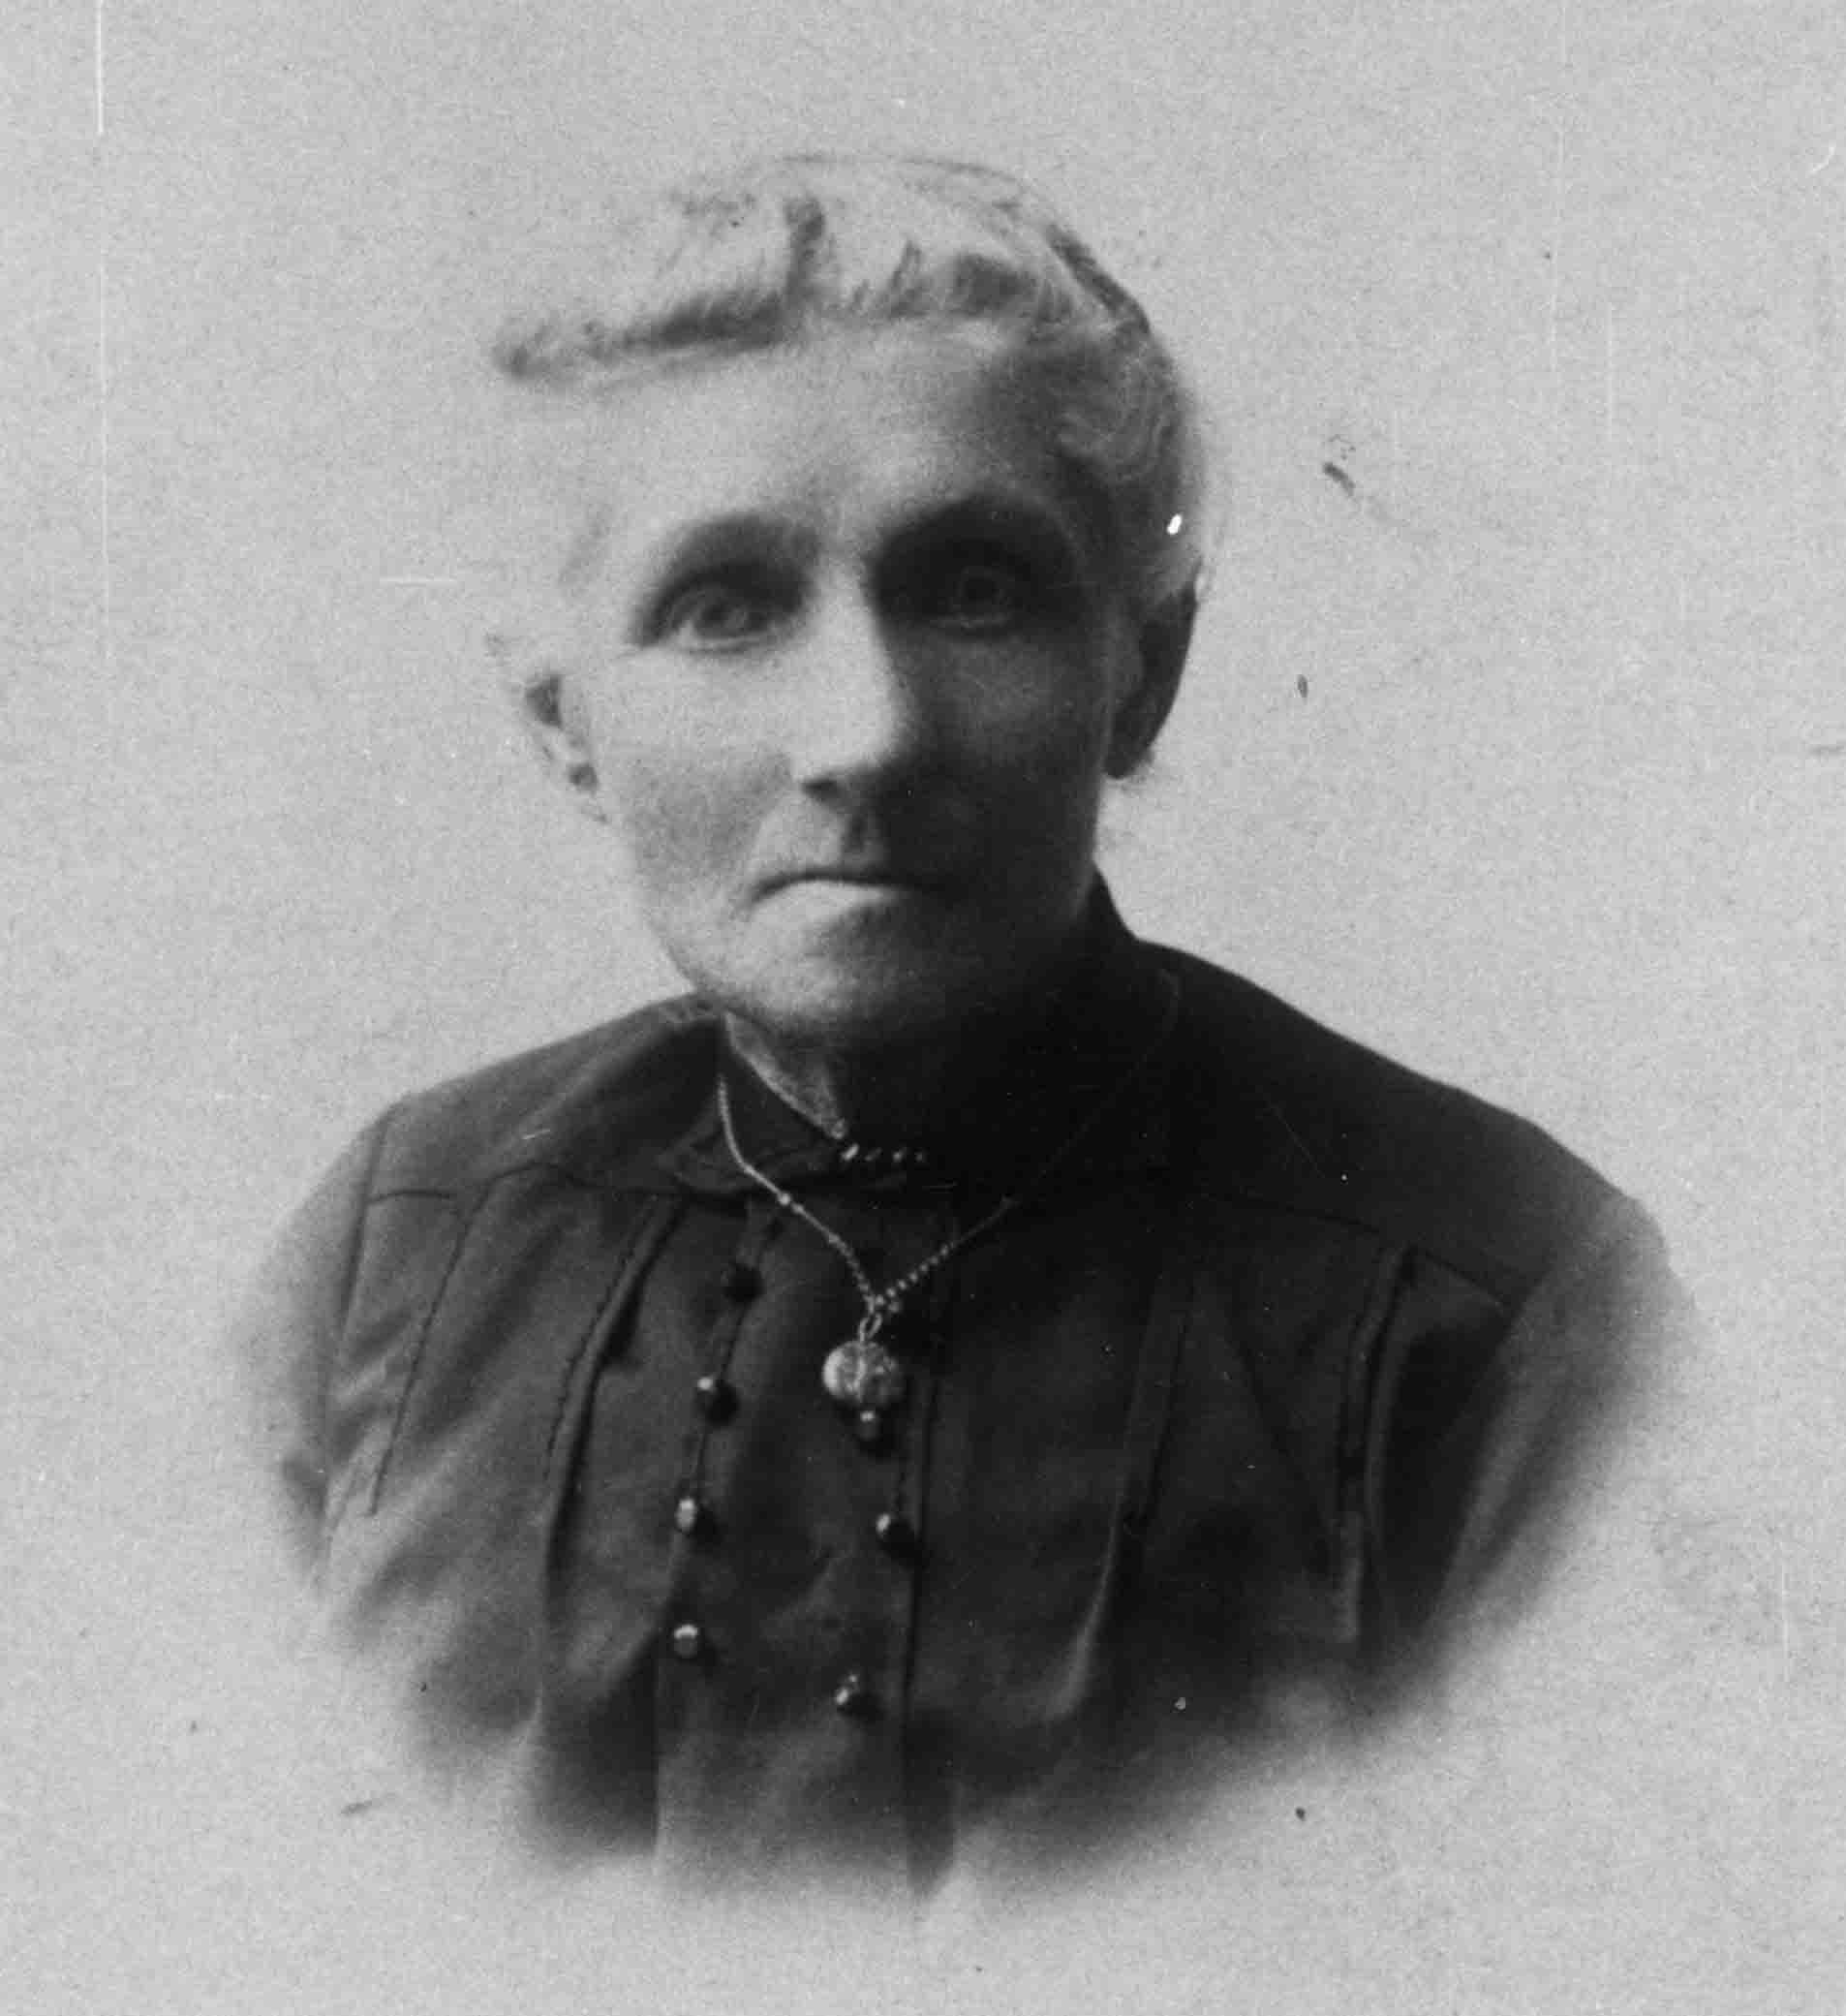 Ann (Miller) Blackwell 1841-1923